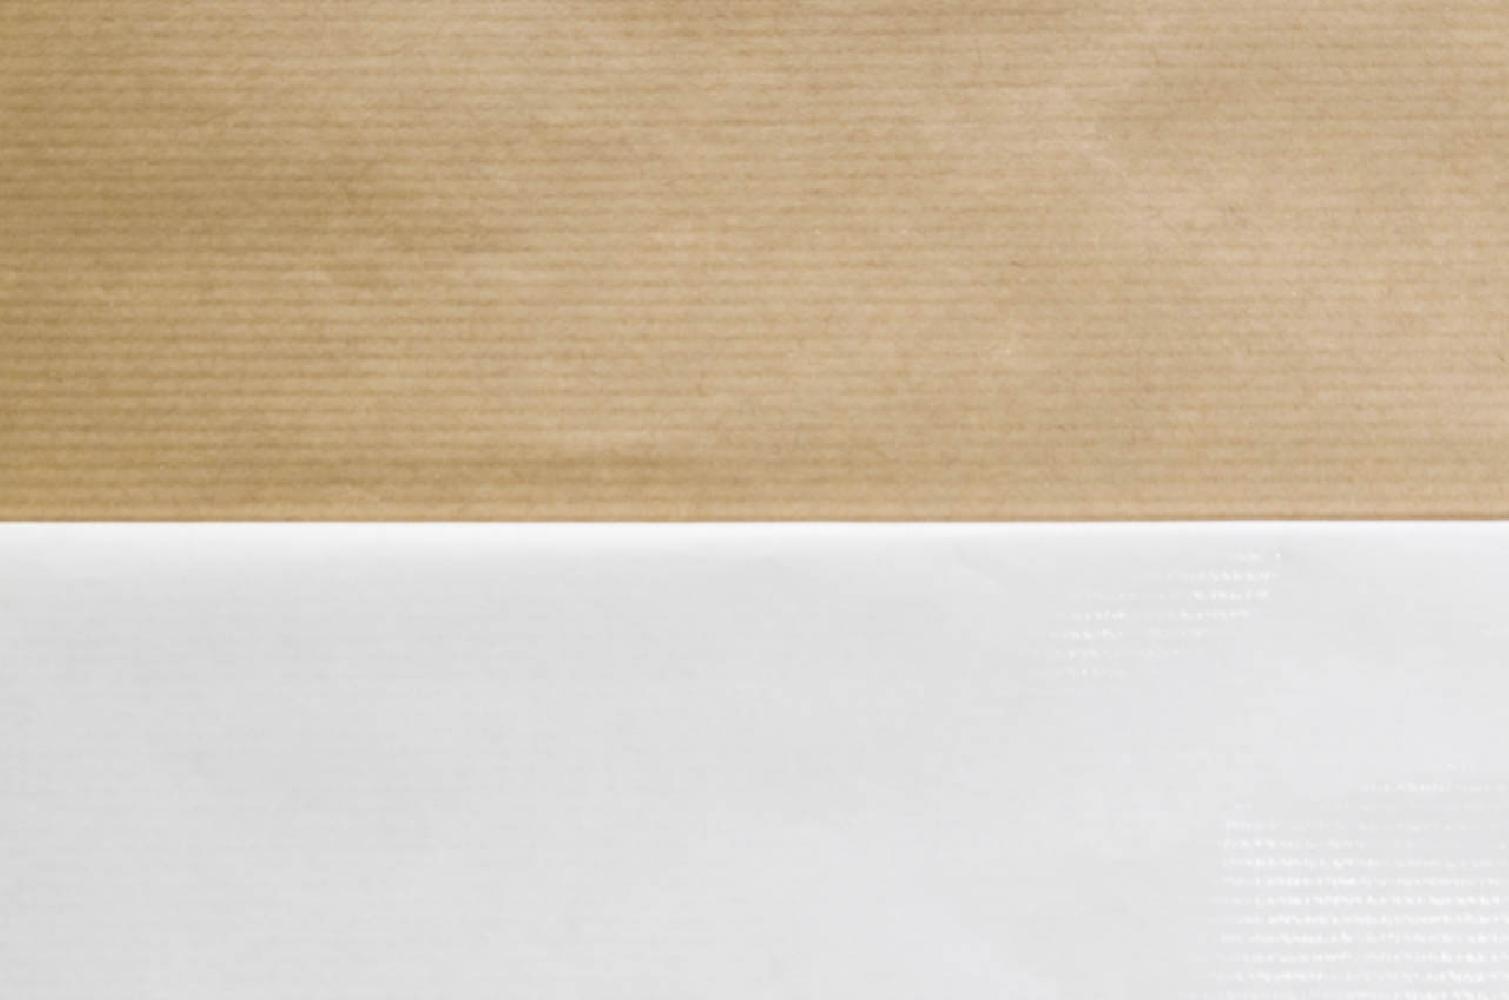 Carta da pacco